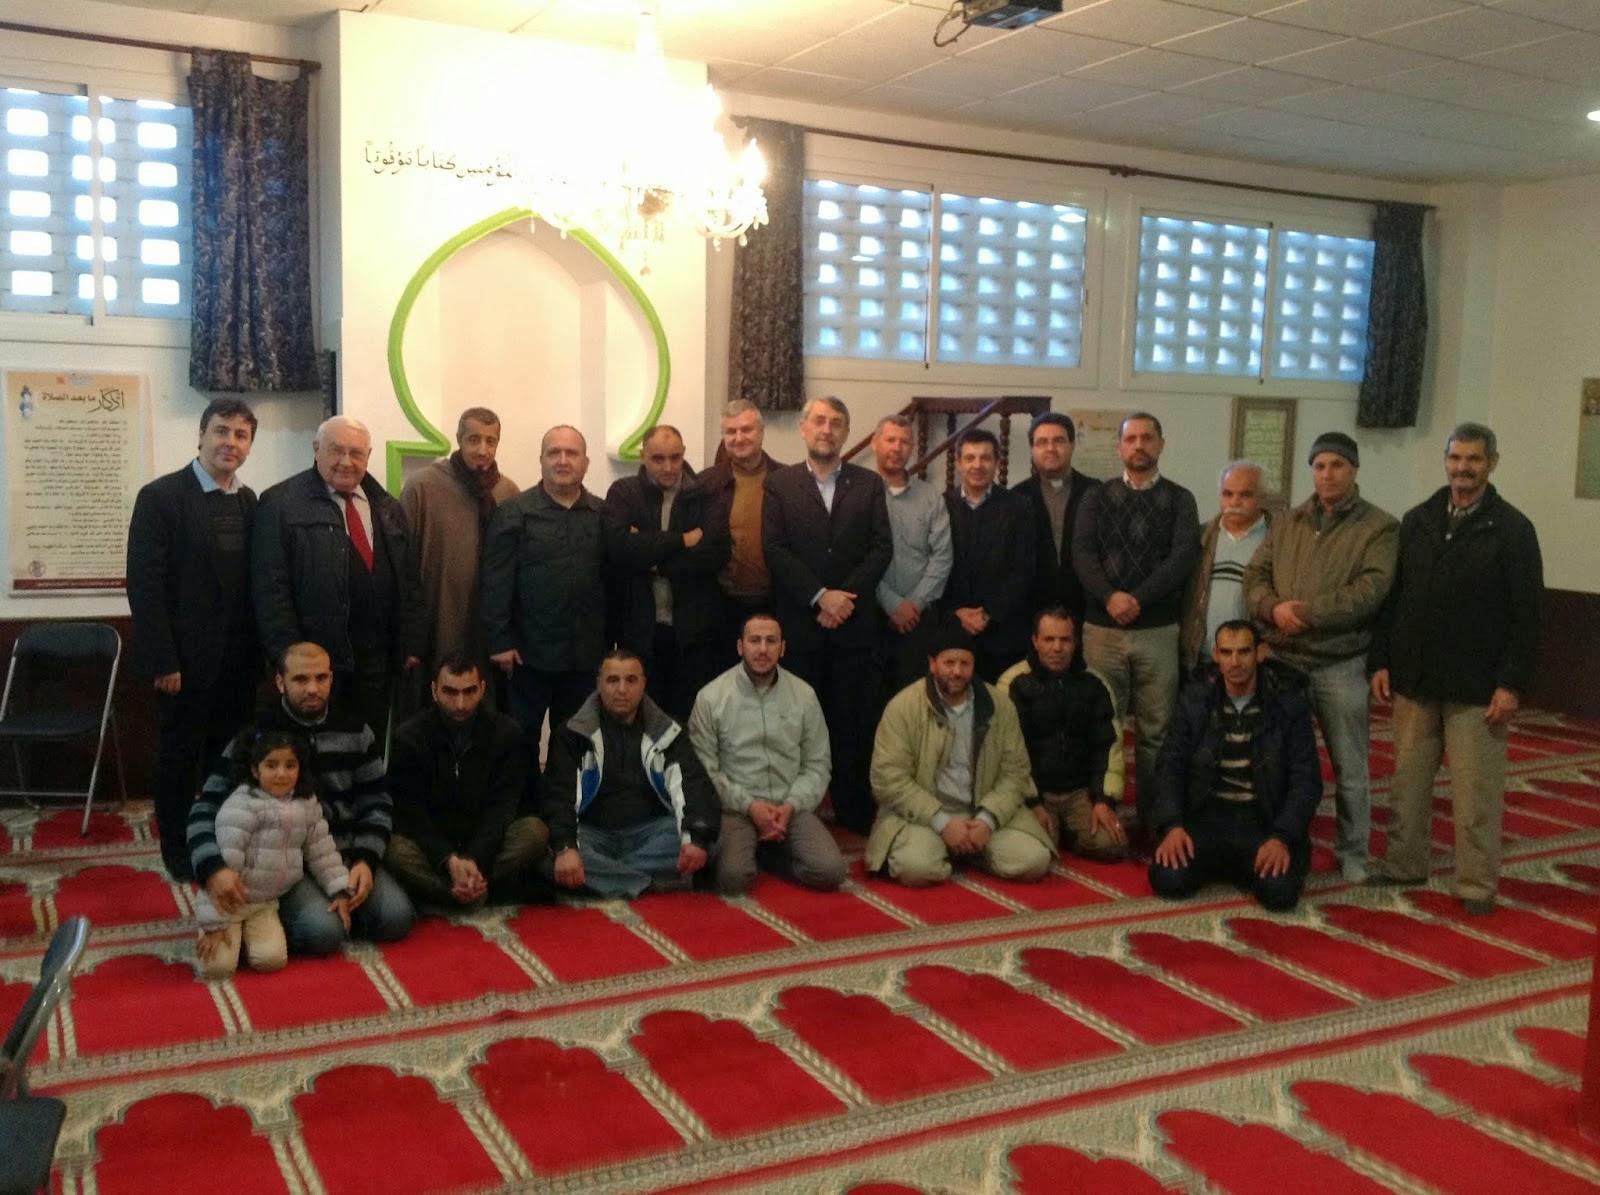 El GTER contra las pintadas improcedentes en la Mezquita de Montmeló